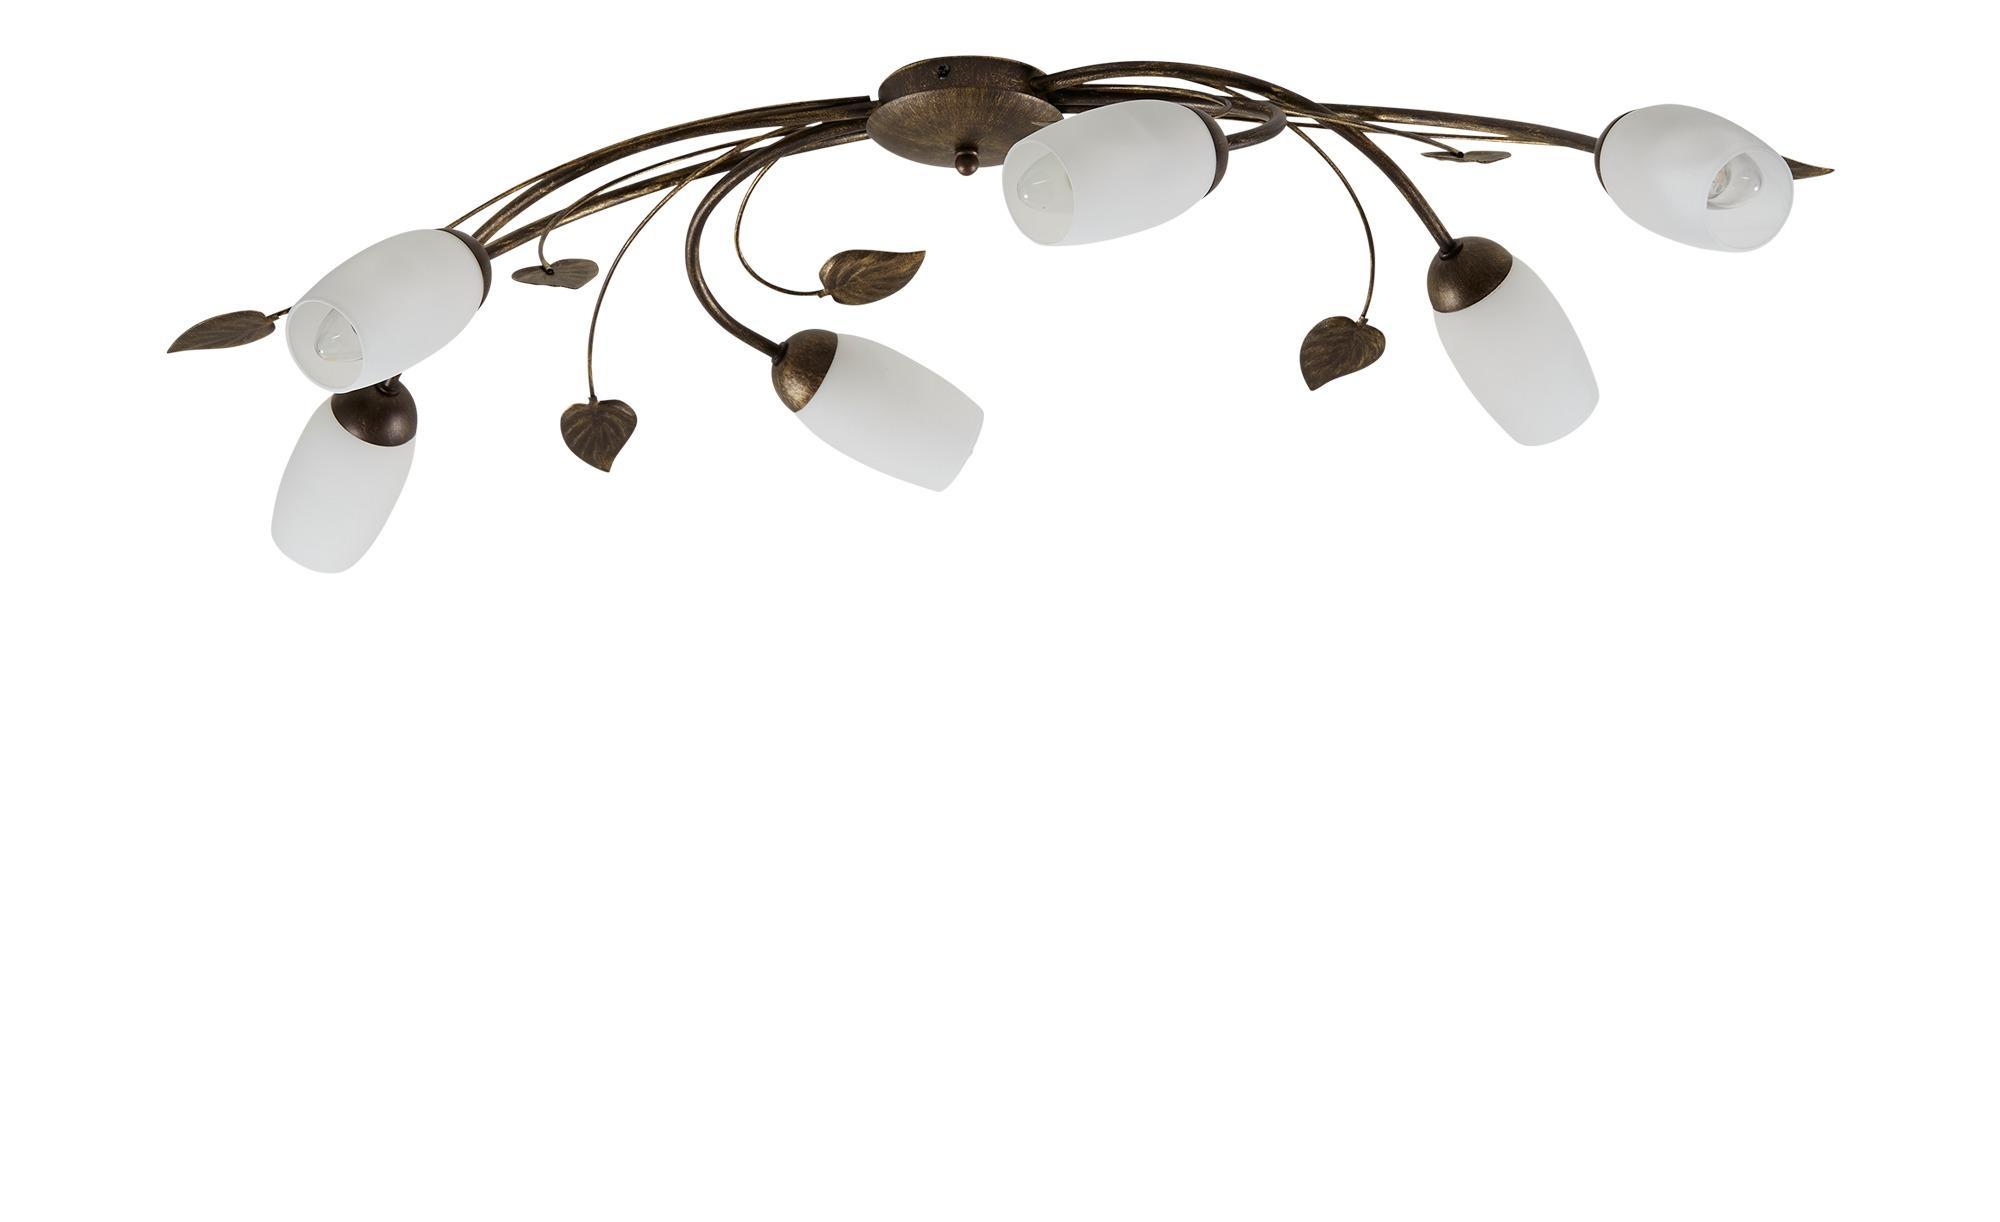 Deckenleuchte, 6-flammig, braun ¦ braun ¦ Maße (cm): B: 52 H: 12 Lampen & Leuchten > Innenleuchten > Deckenleuchten - Höffner